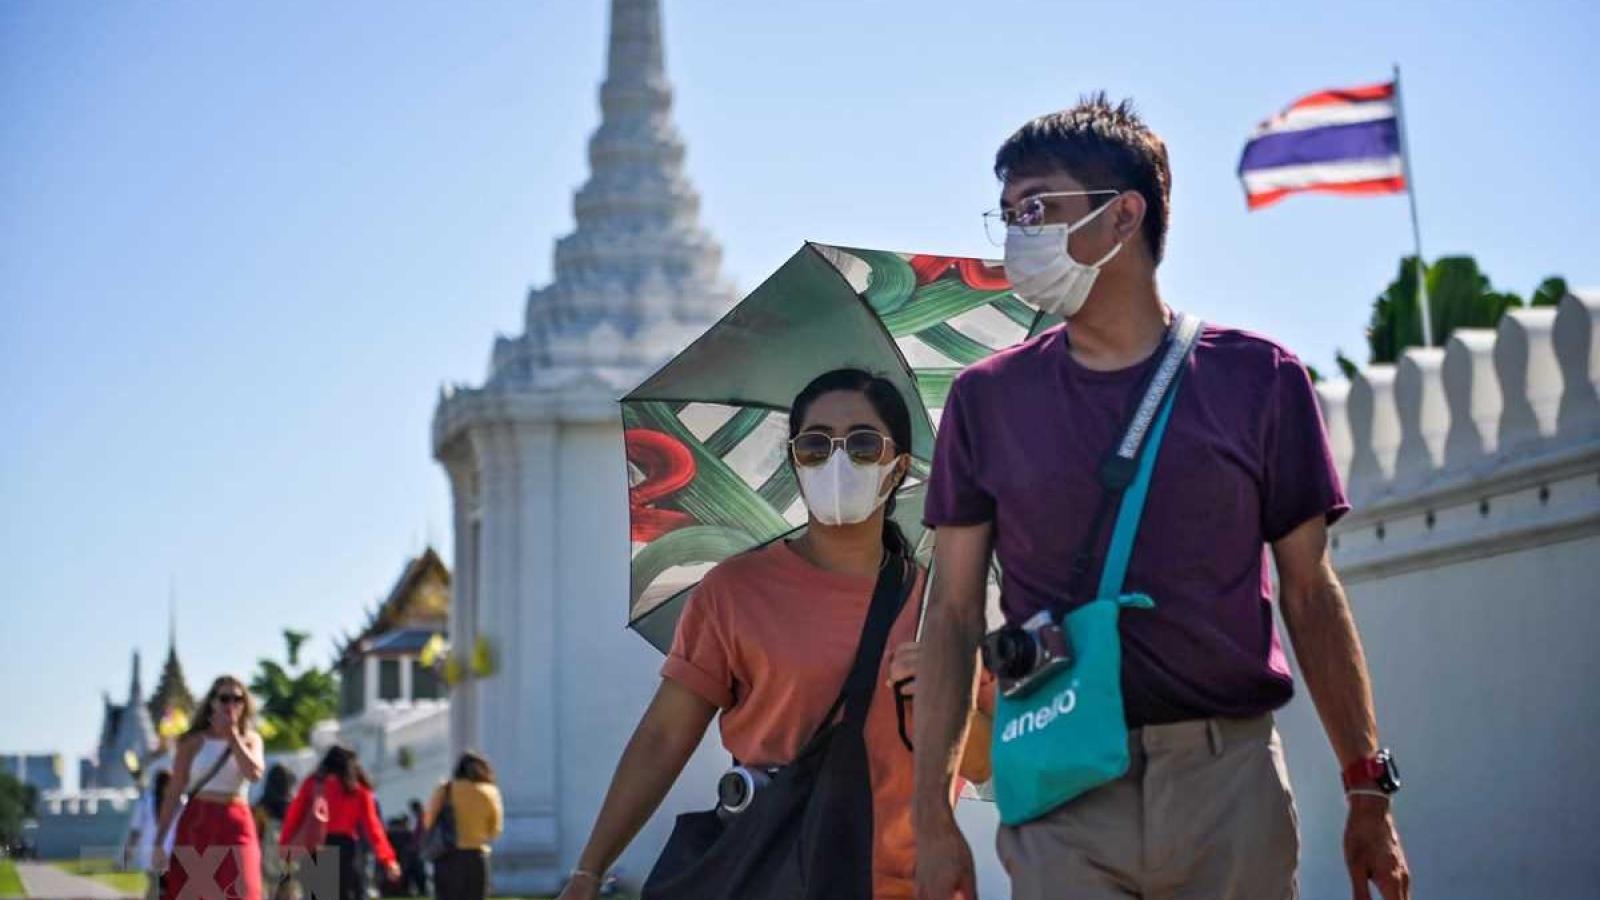 Thái Lan chuẩn bị chương trình tiêm vaccine COVID-19 giai đoạn 1